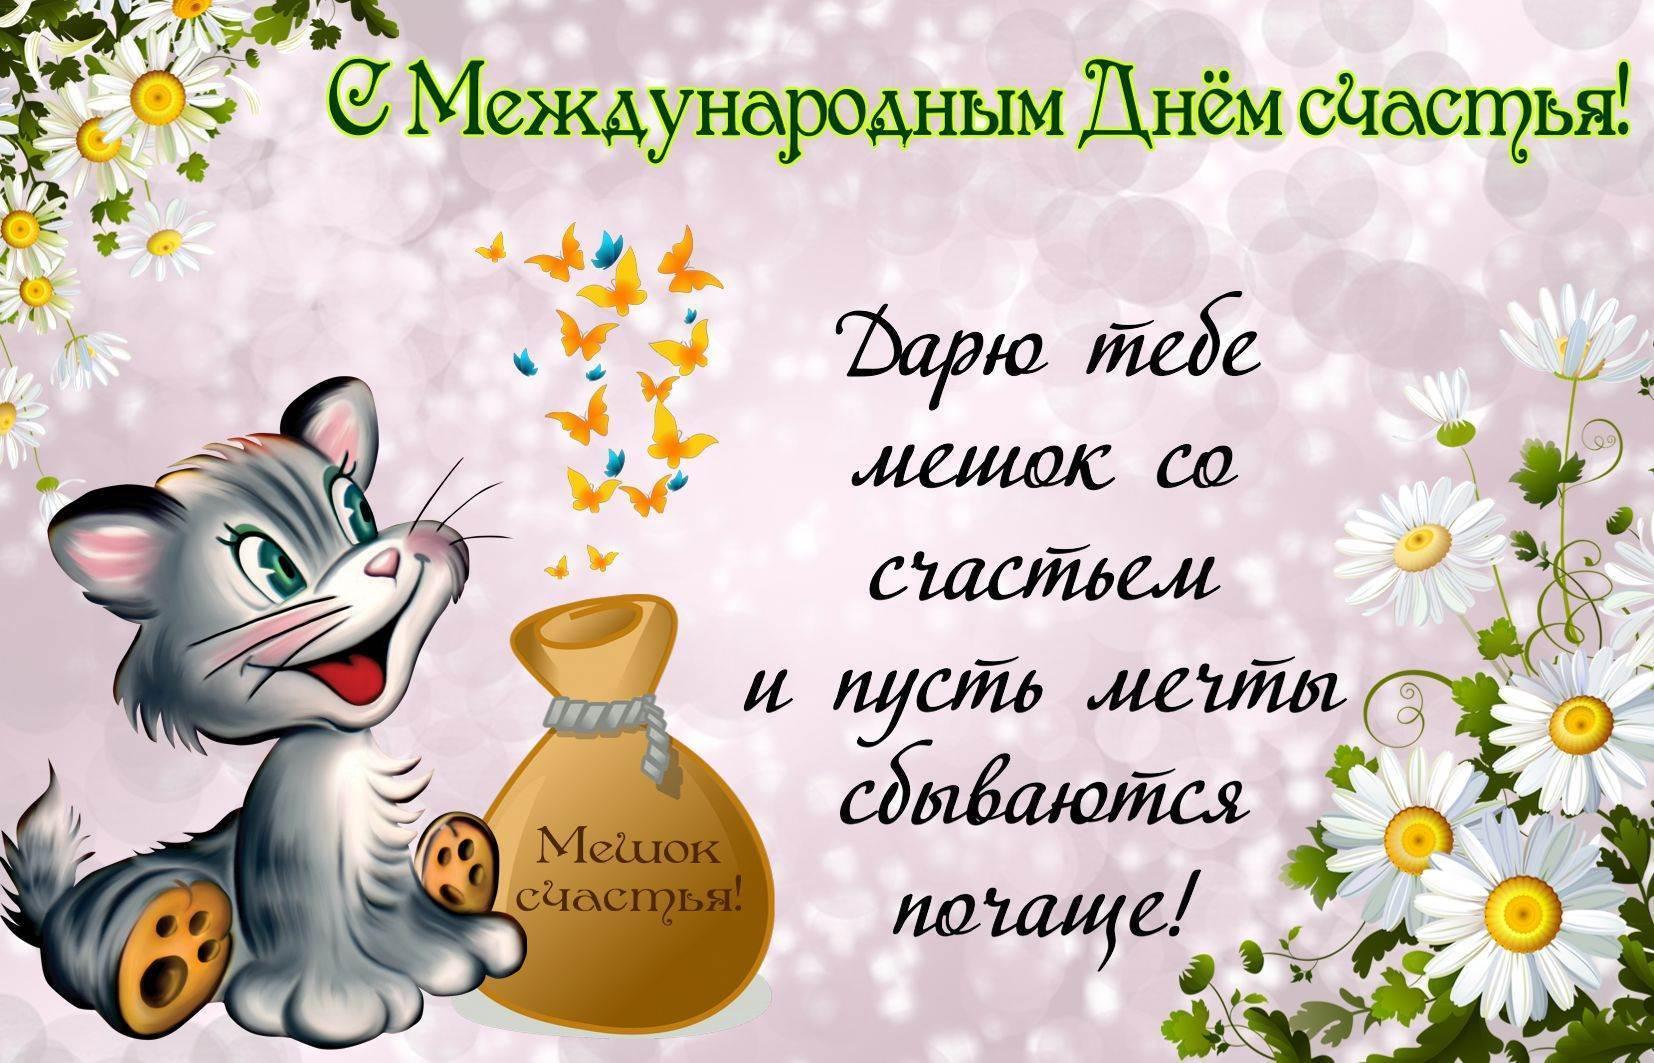 Картинки с днем счастья 20 марта поздравления